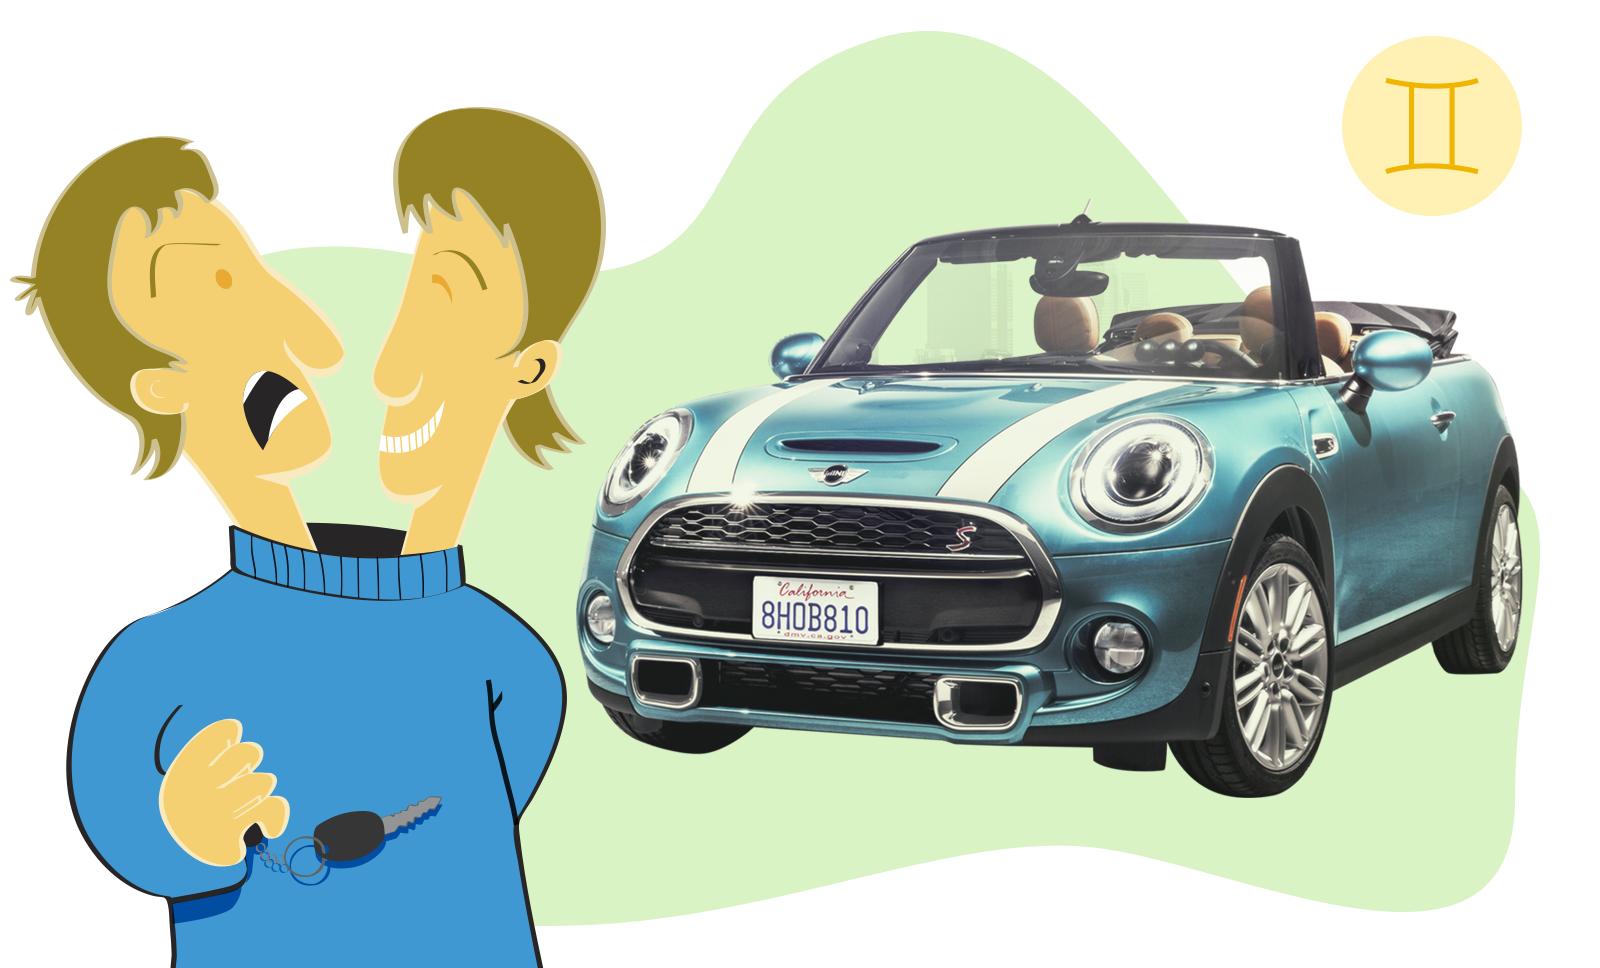 Carro de cada signo: mini cabrio para gêmeos